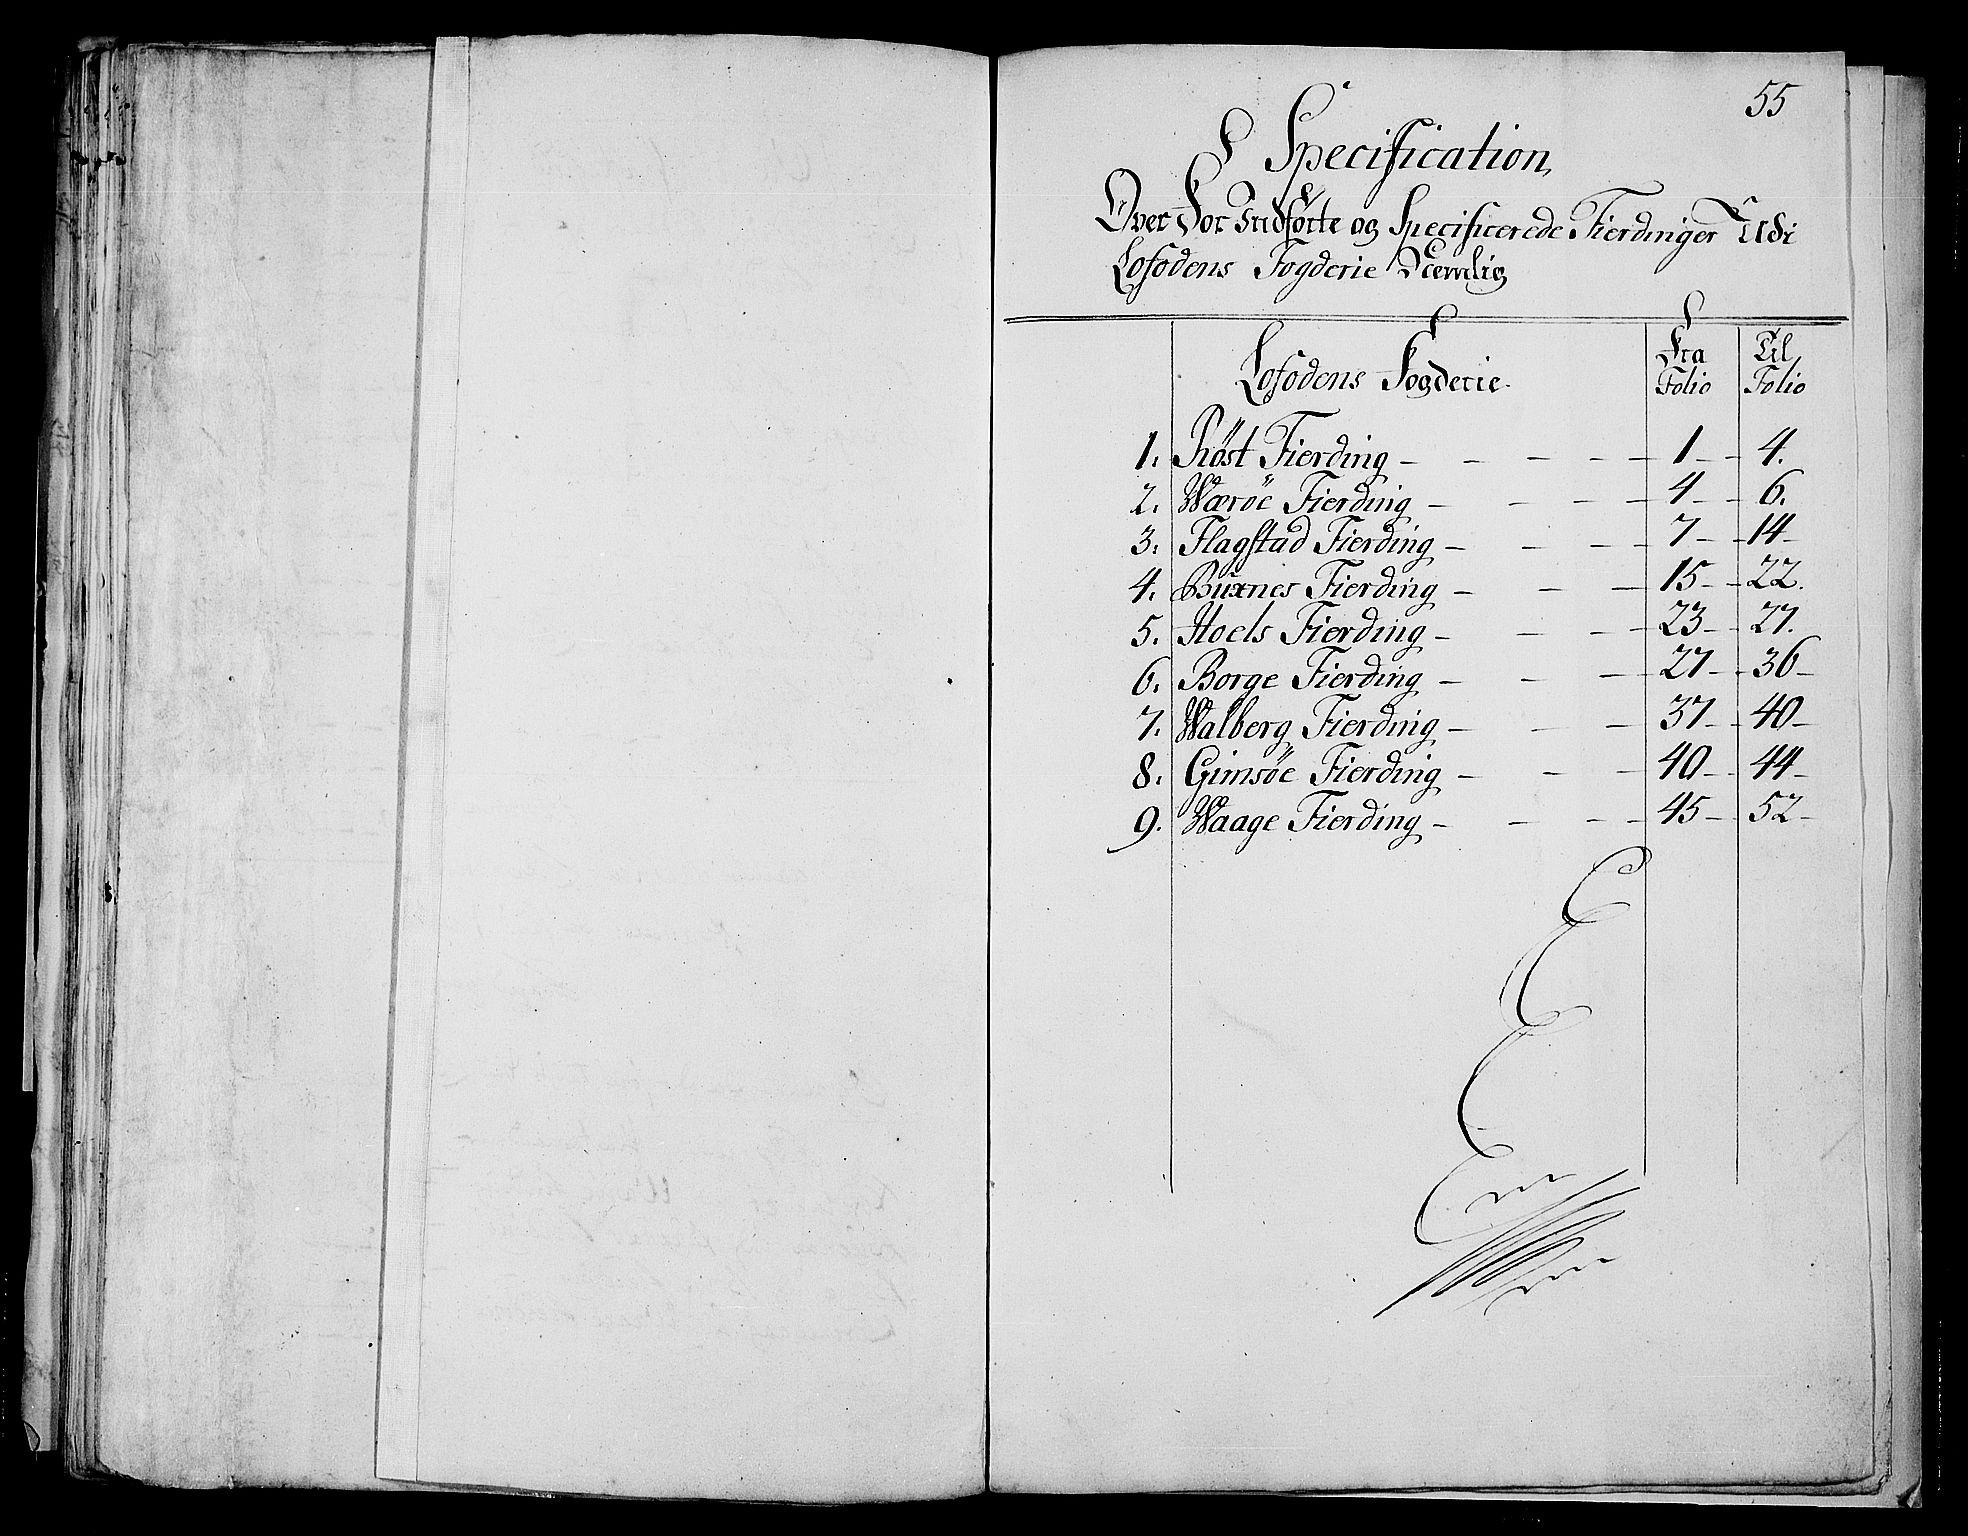 RA, Rentekammeret inntil 1814, Realistisk ordnet avdeling, N/Nb/Nbf/L0175: Lofoten matrikkelprotokoll, 1723, s. 54b-55a